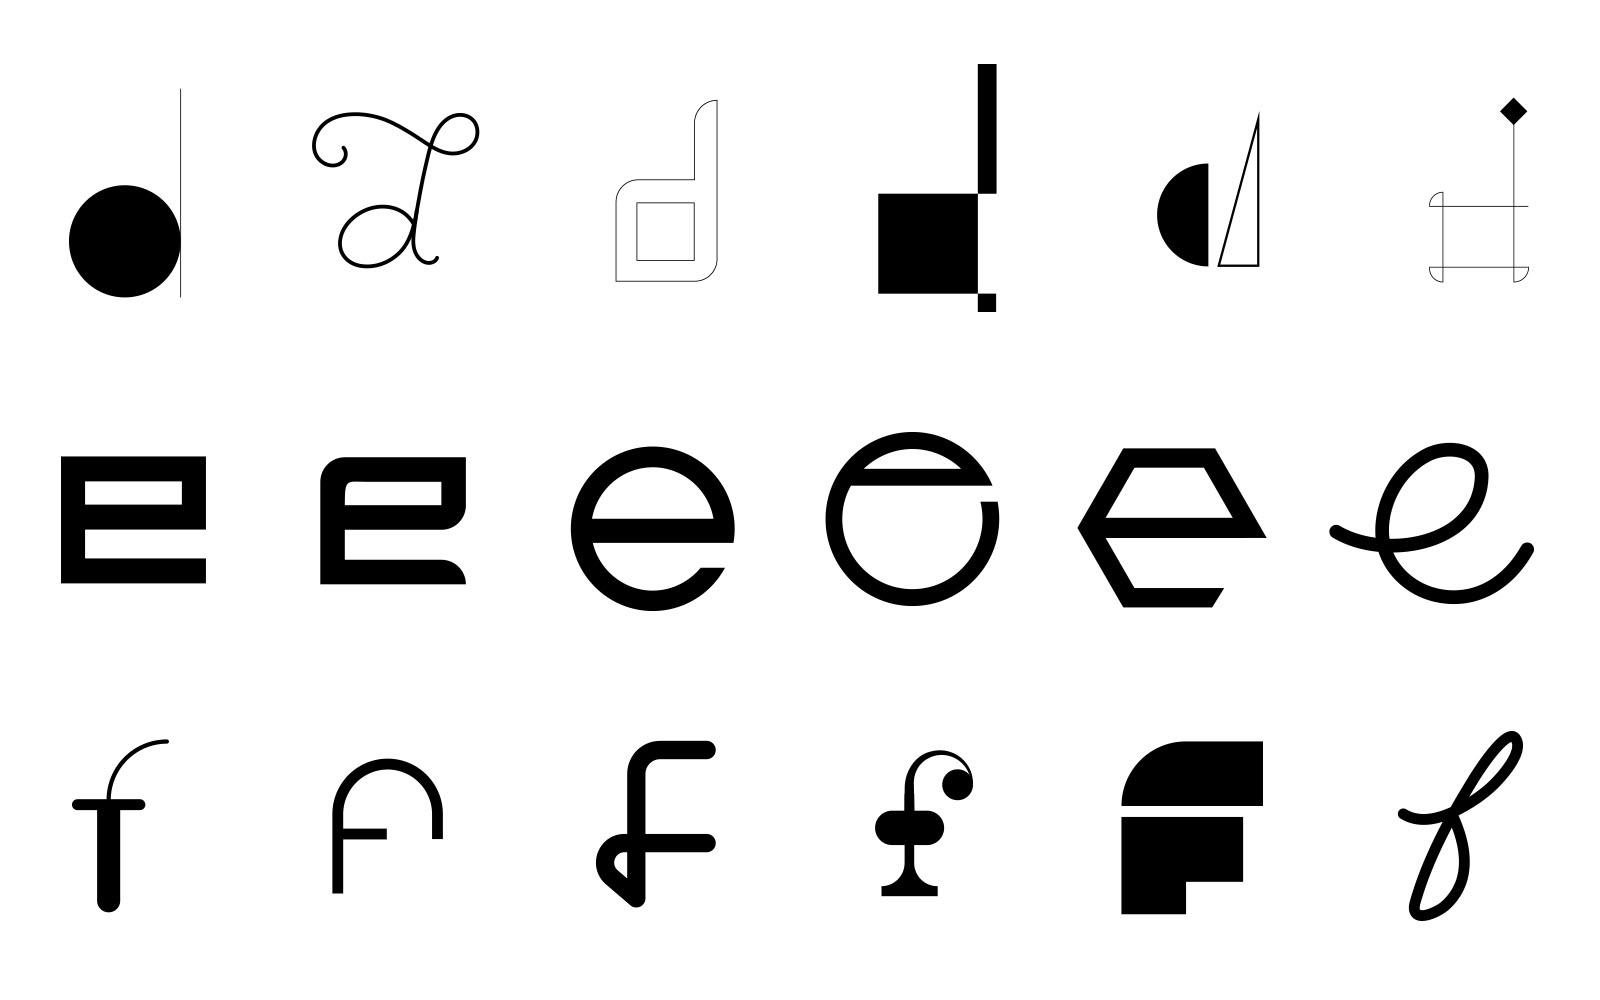 Alphabetypography